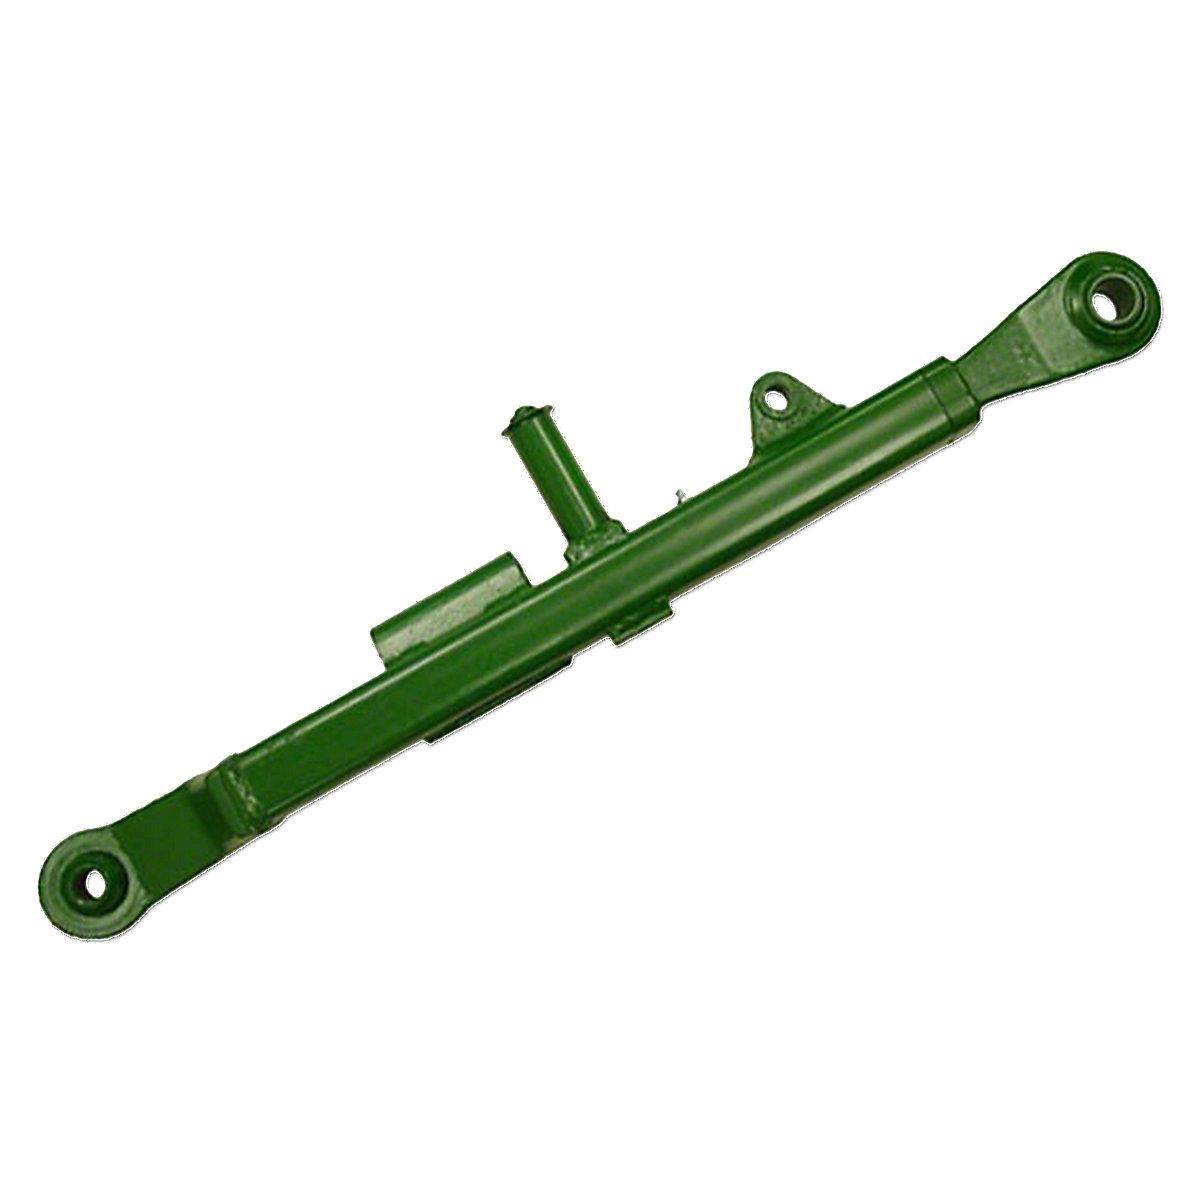 3 Pt Hitch Arms : Jds l point lower lift arm